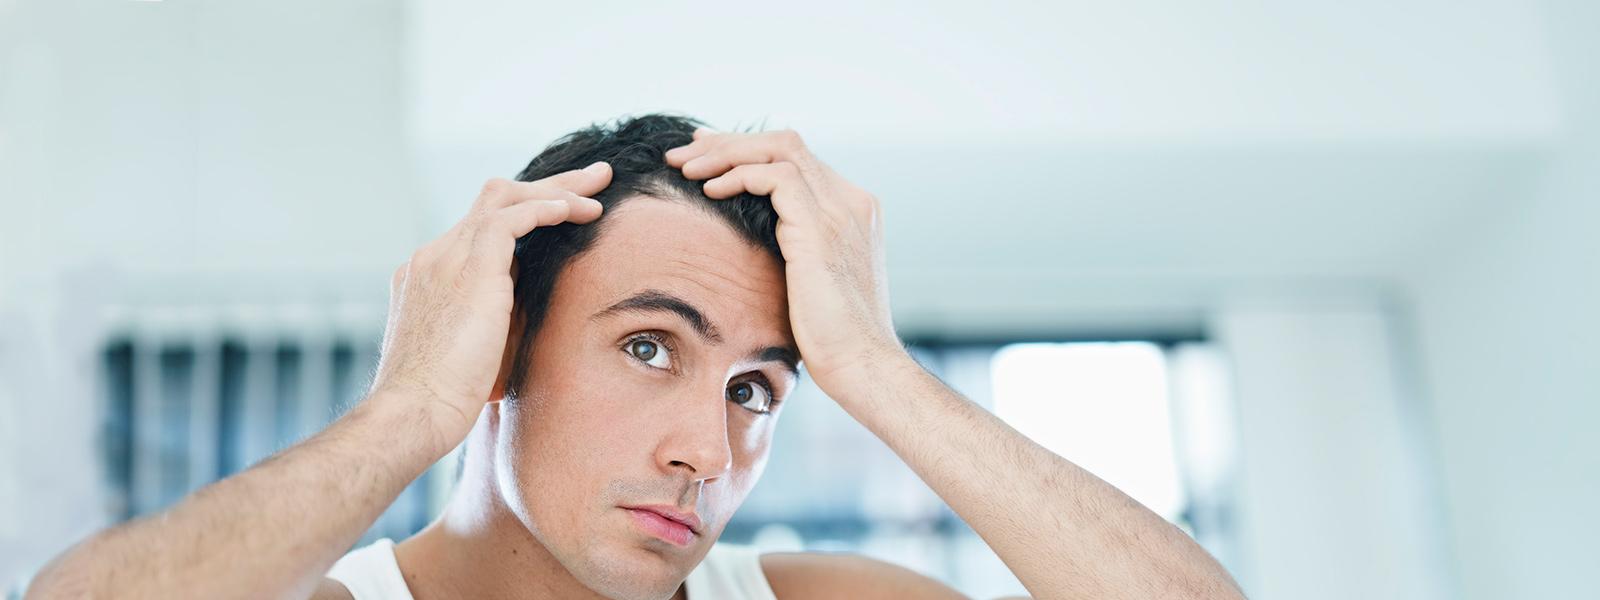 10 Migliori rimedi contro la caduta dei capelli: Classifica, Opinioni e Recensioni